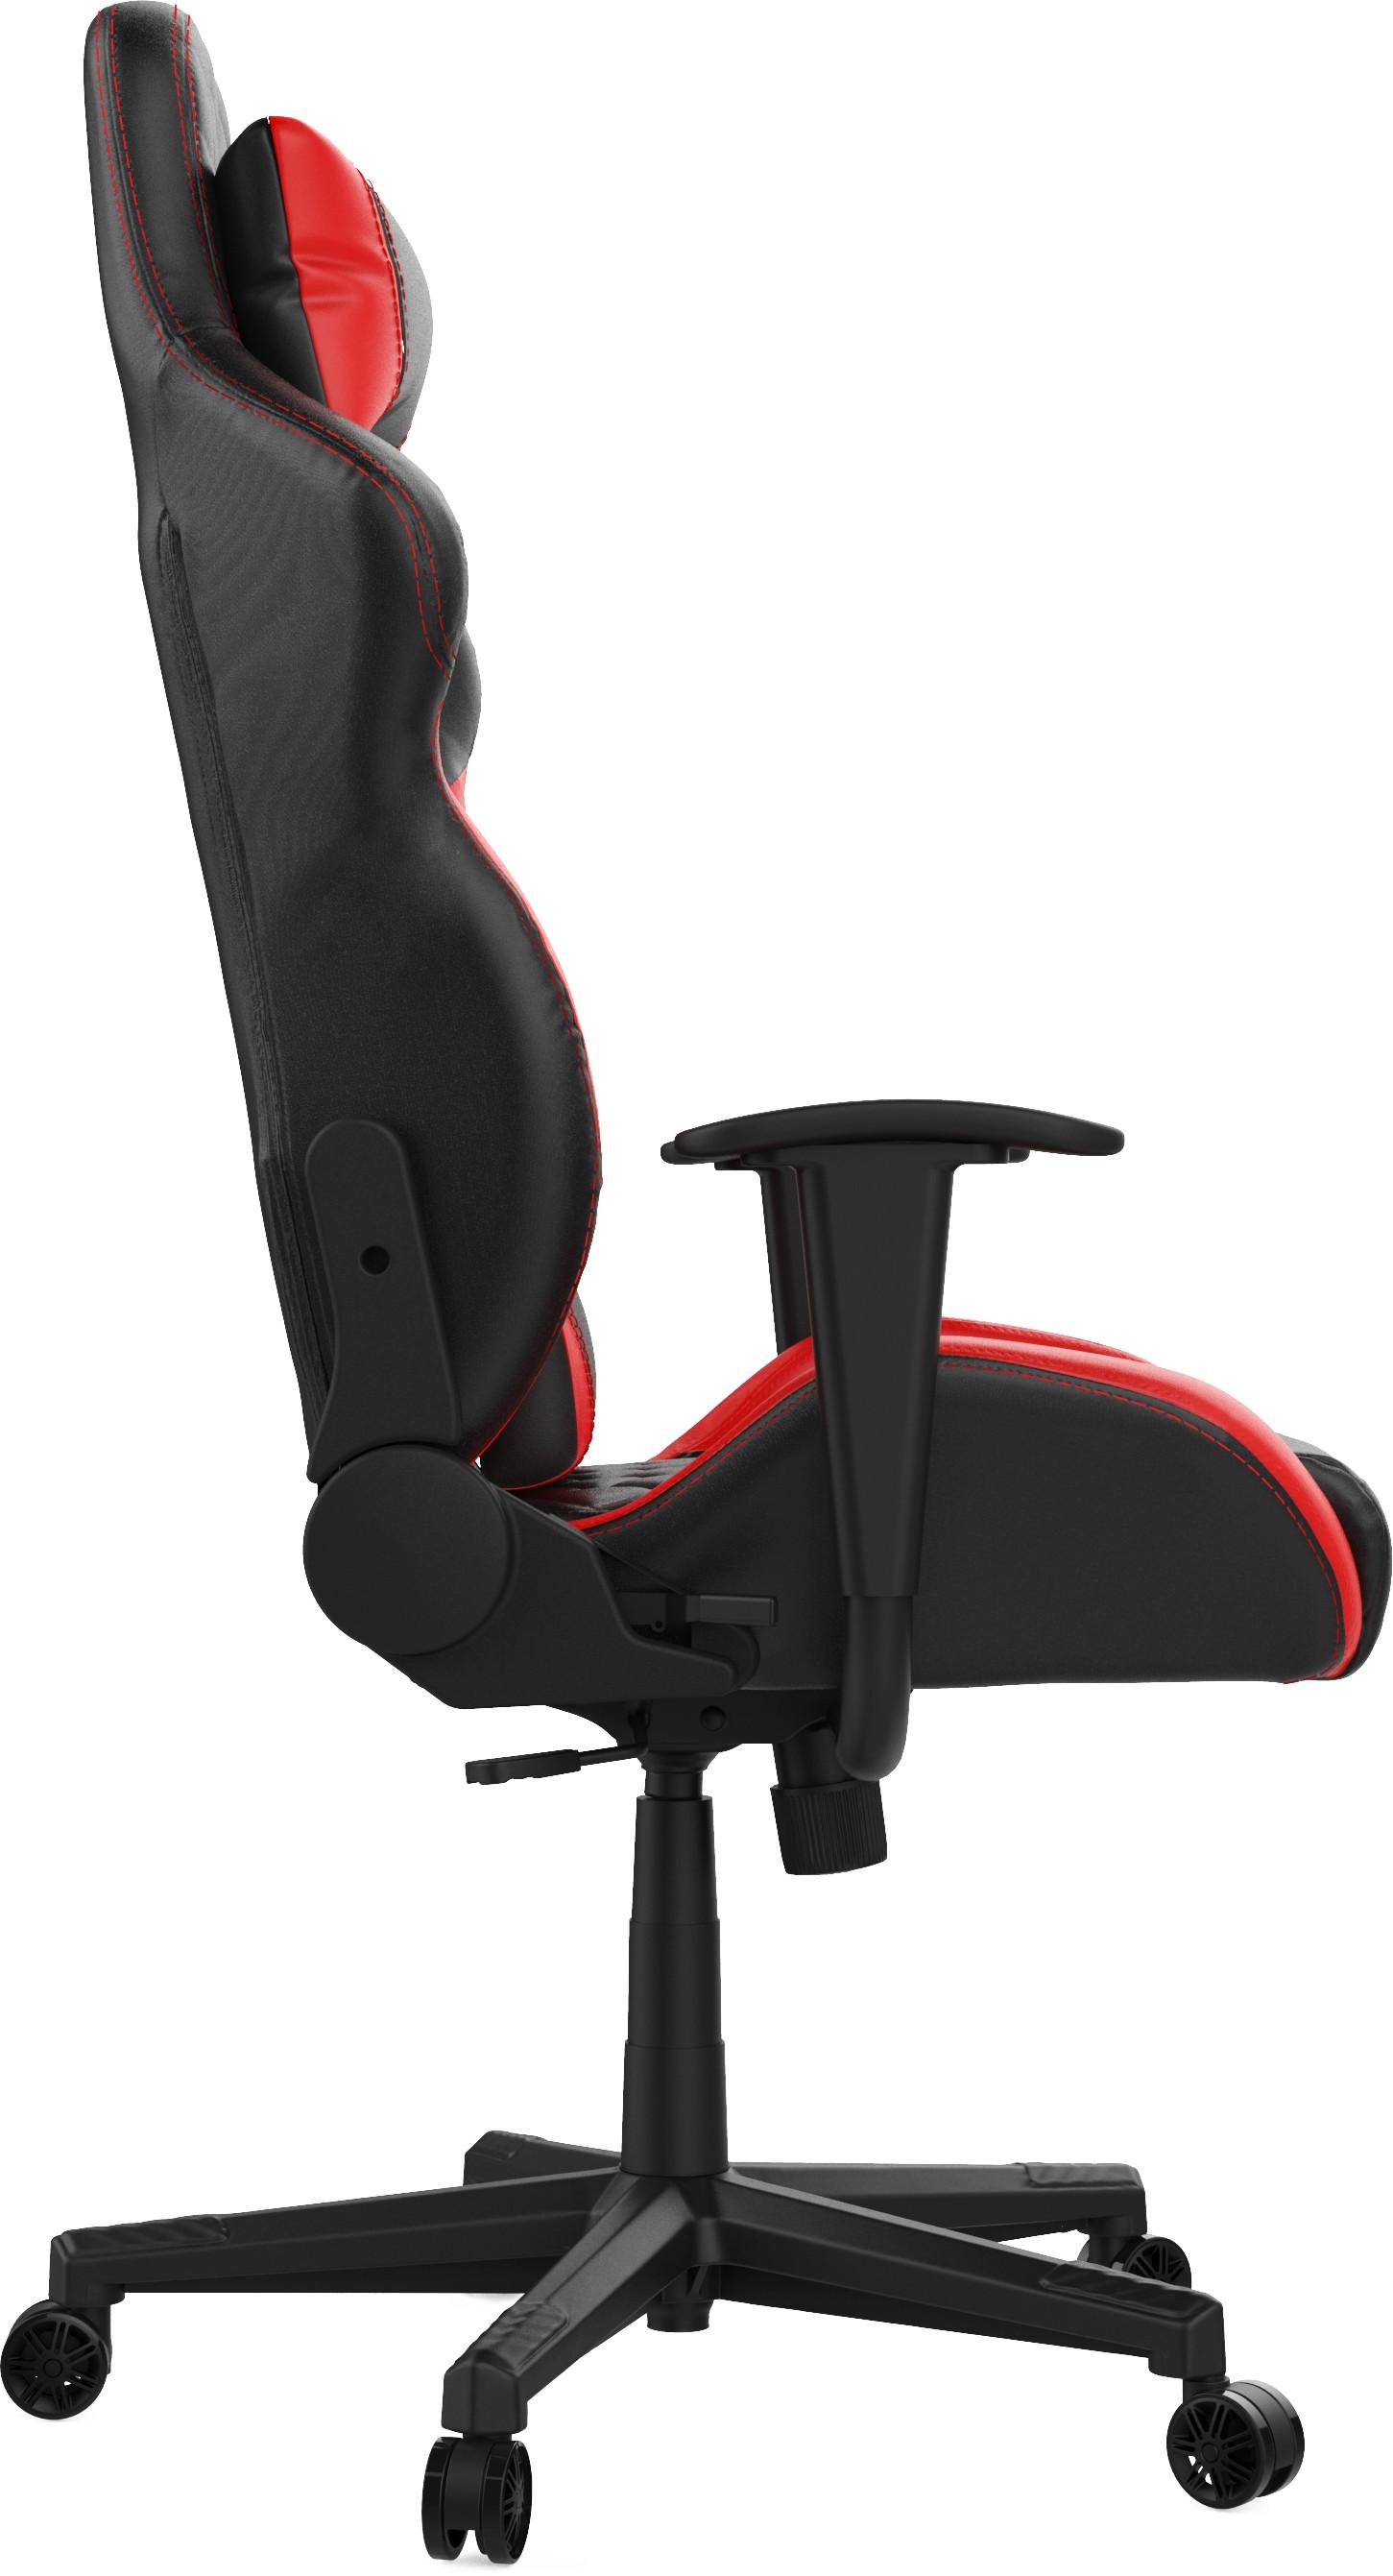 GAMDIAS ZELUS E1 L juoda-raudona ergonominė kėdė